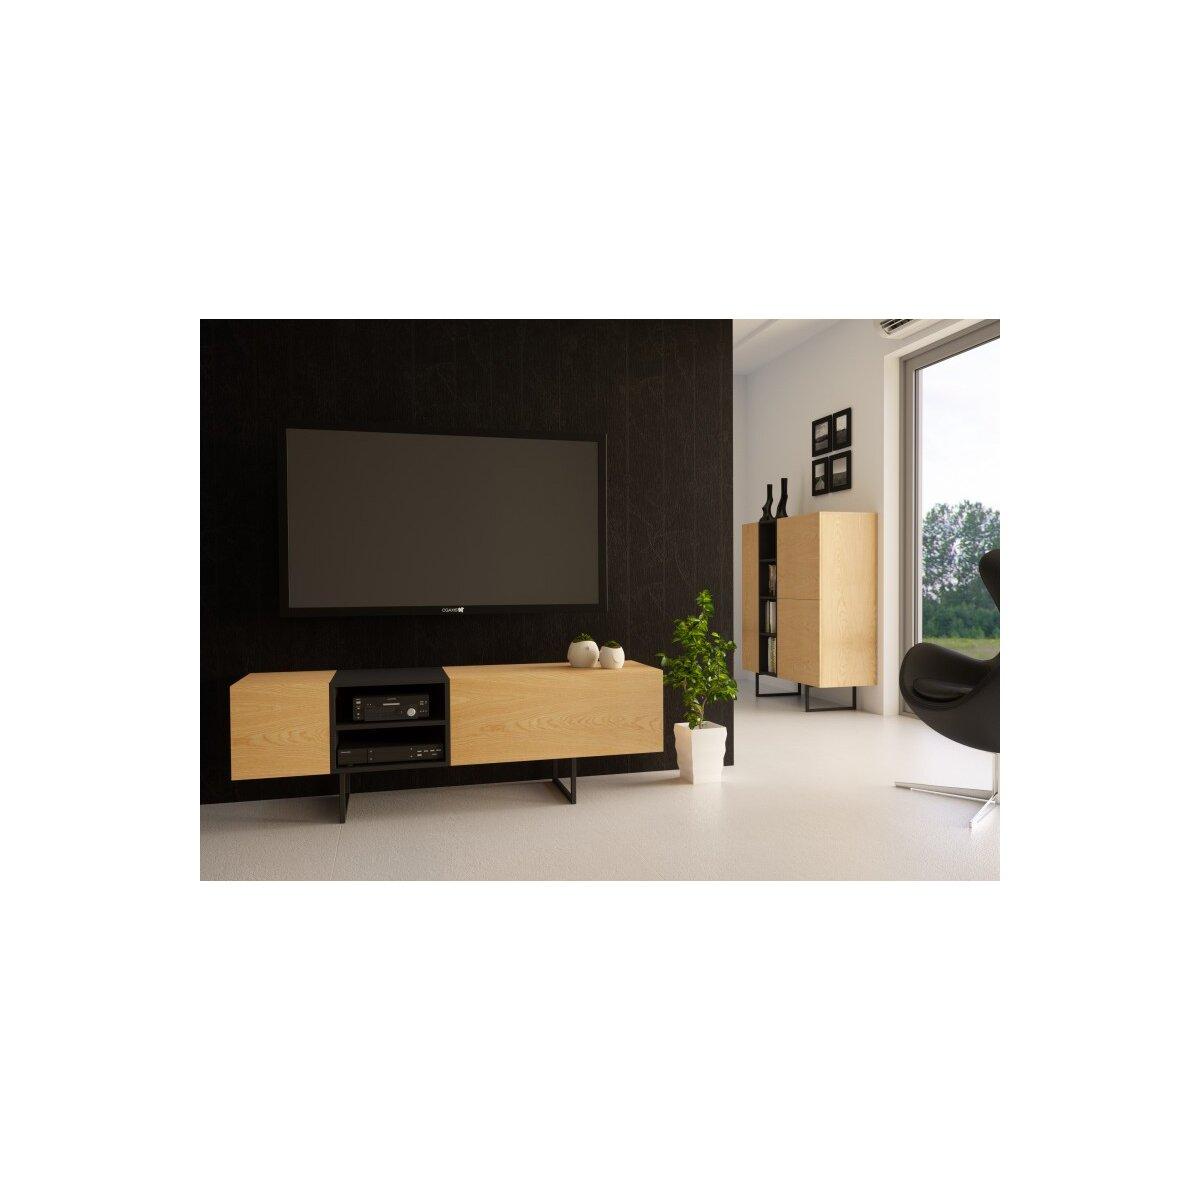 RTV Regal Sideboard Lowboard Anrichte Wohnzimmer TV Schrank ABATO-RT ...